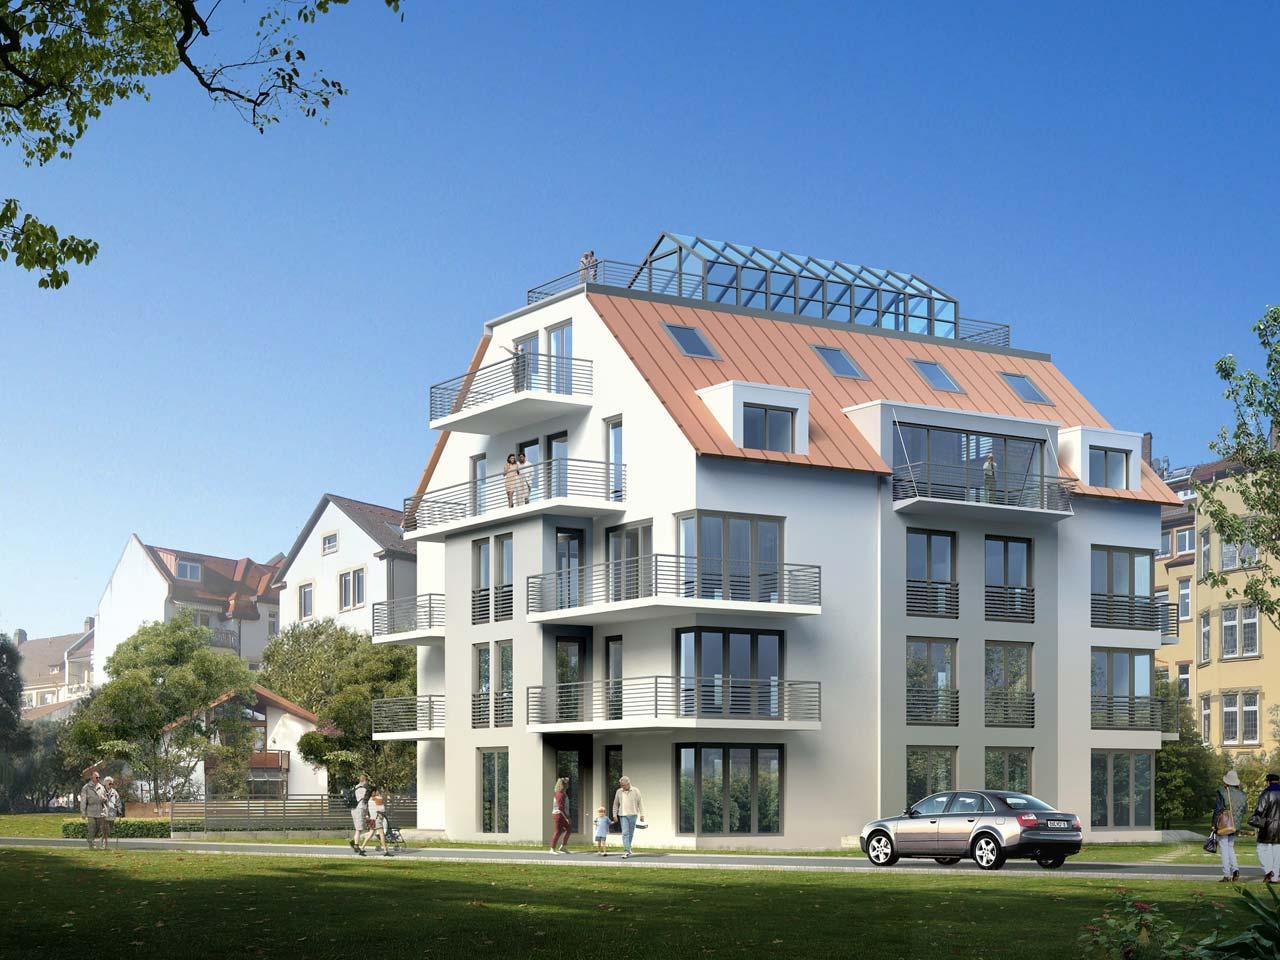 Sanierung Immobilie: Haus Instandsetzung und Modernisierung + Wertsteigerung